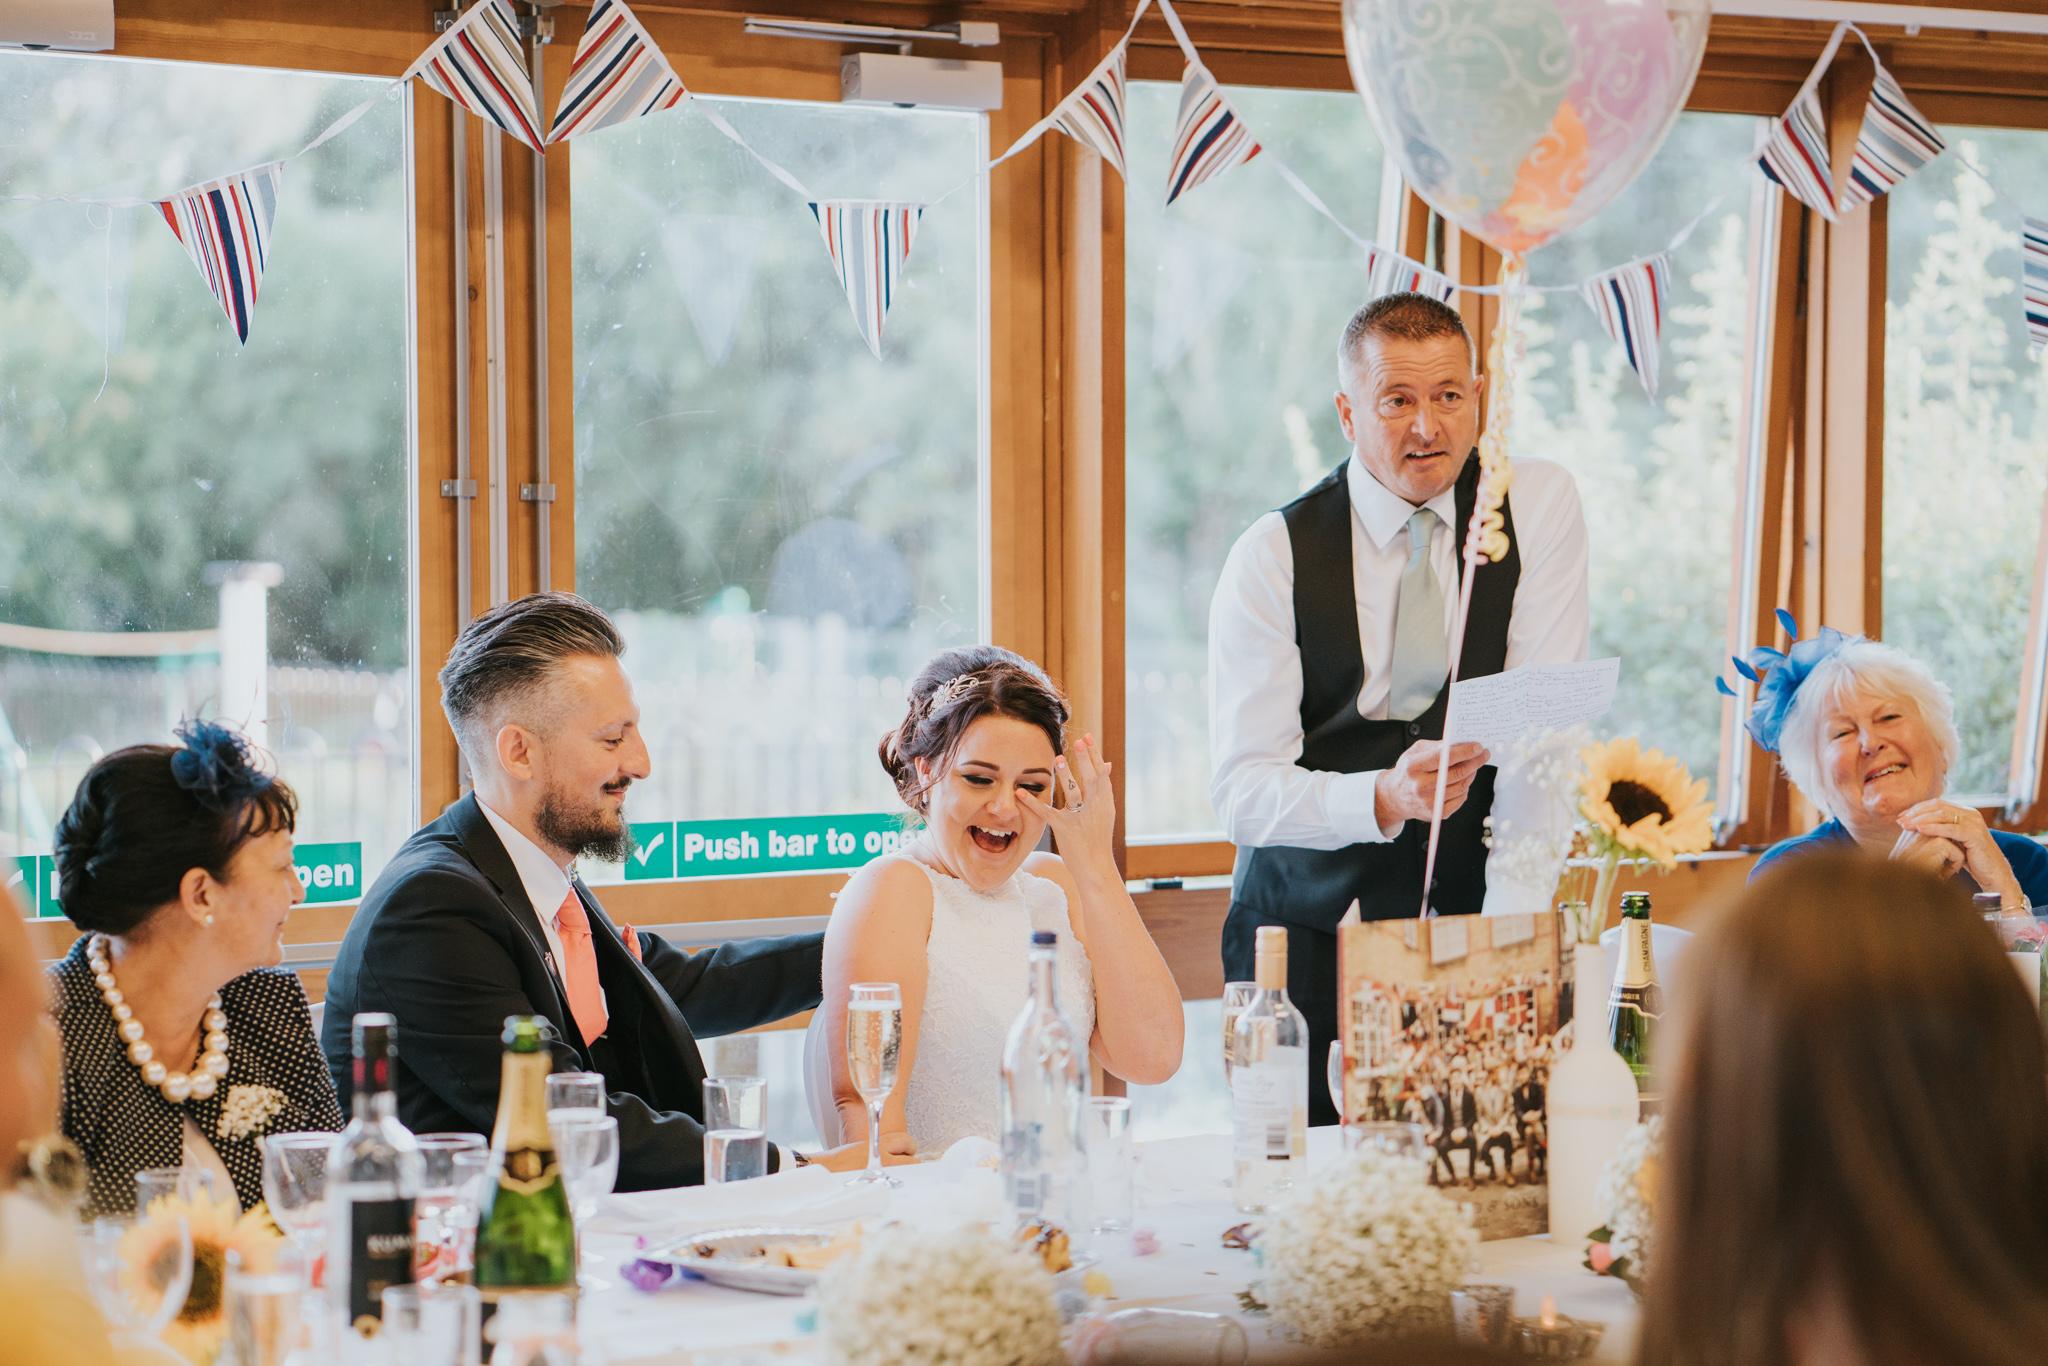 Joe-Tiffany-Colchester-Castle-Wedding-Essex-Grace-Elizabeth-Colchester-Essex-Alternative-Wedding-Photographer-Suffolk-Norfolk-Devon (95 of 122).jpg